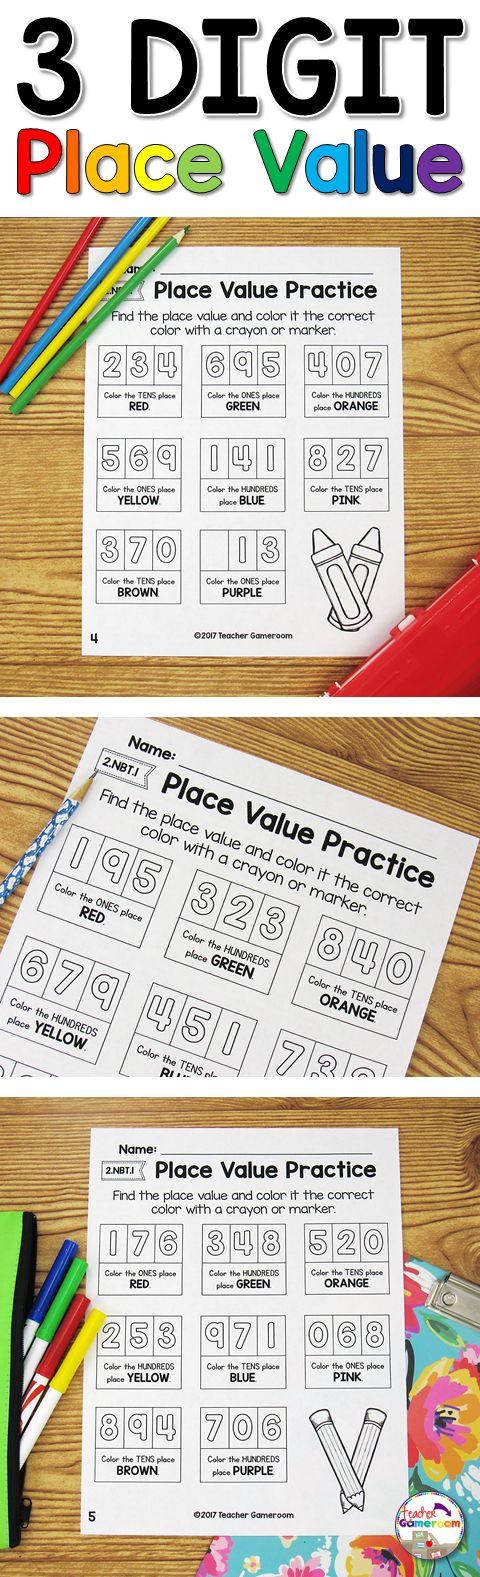 best 25 place value worksheets ideas only on pinterest math worksheets 4 kids second grade. Black Bedroom Furniture Sets. Home Design Ideas